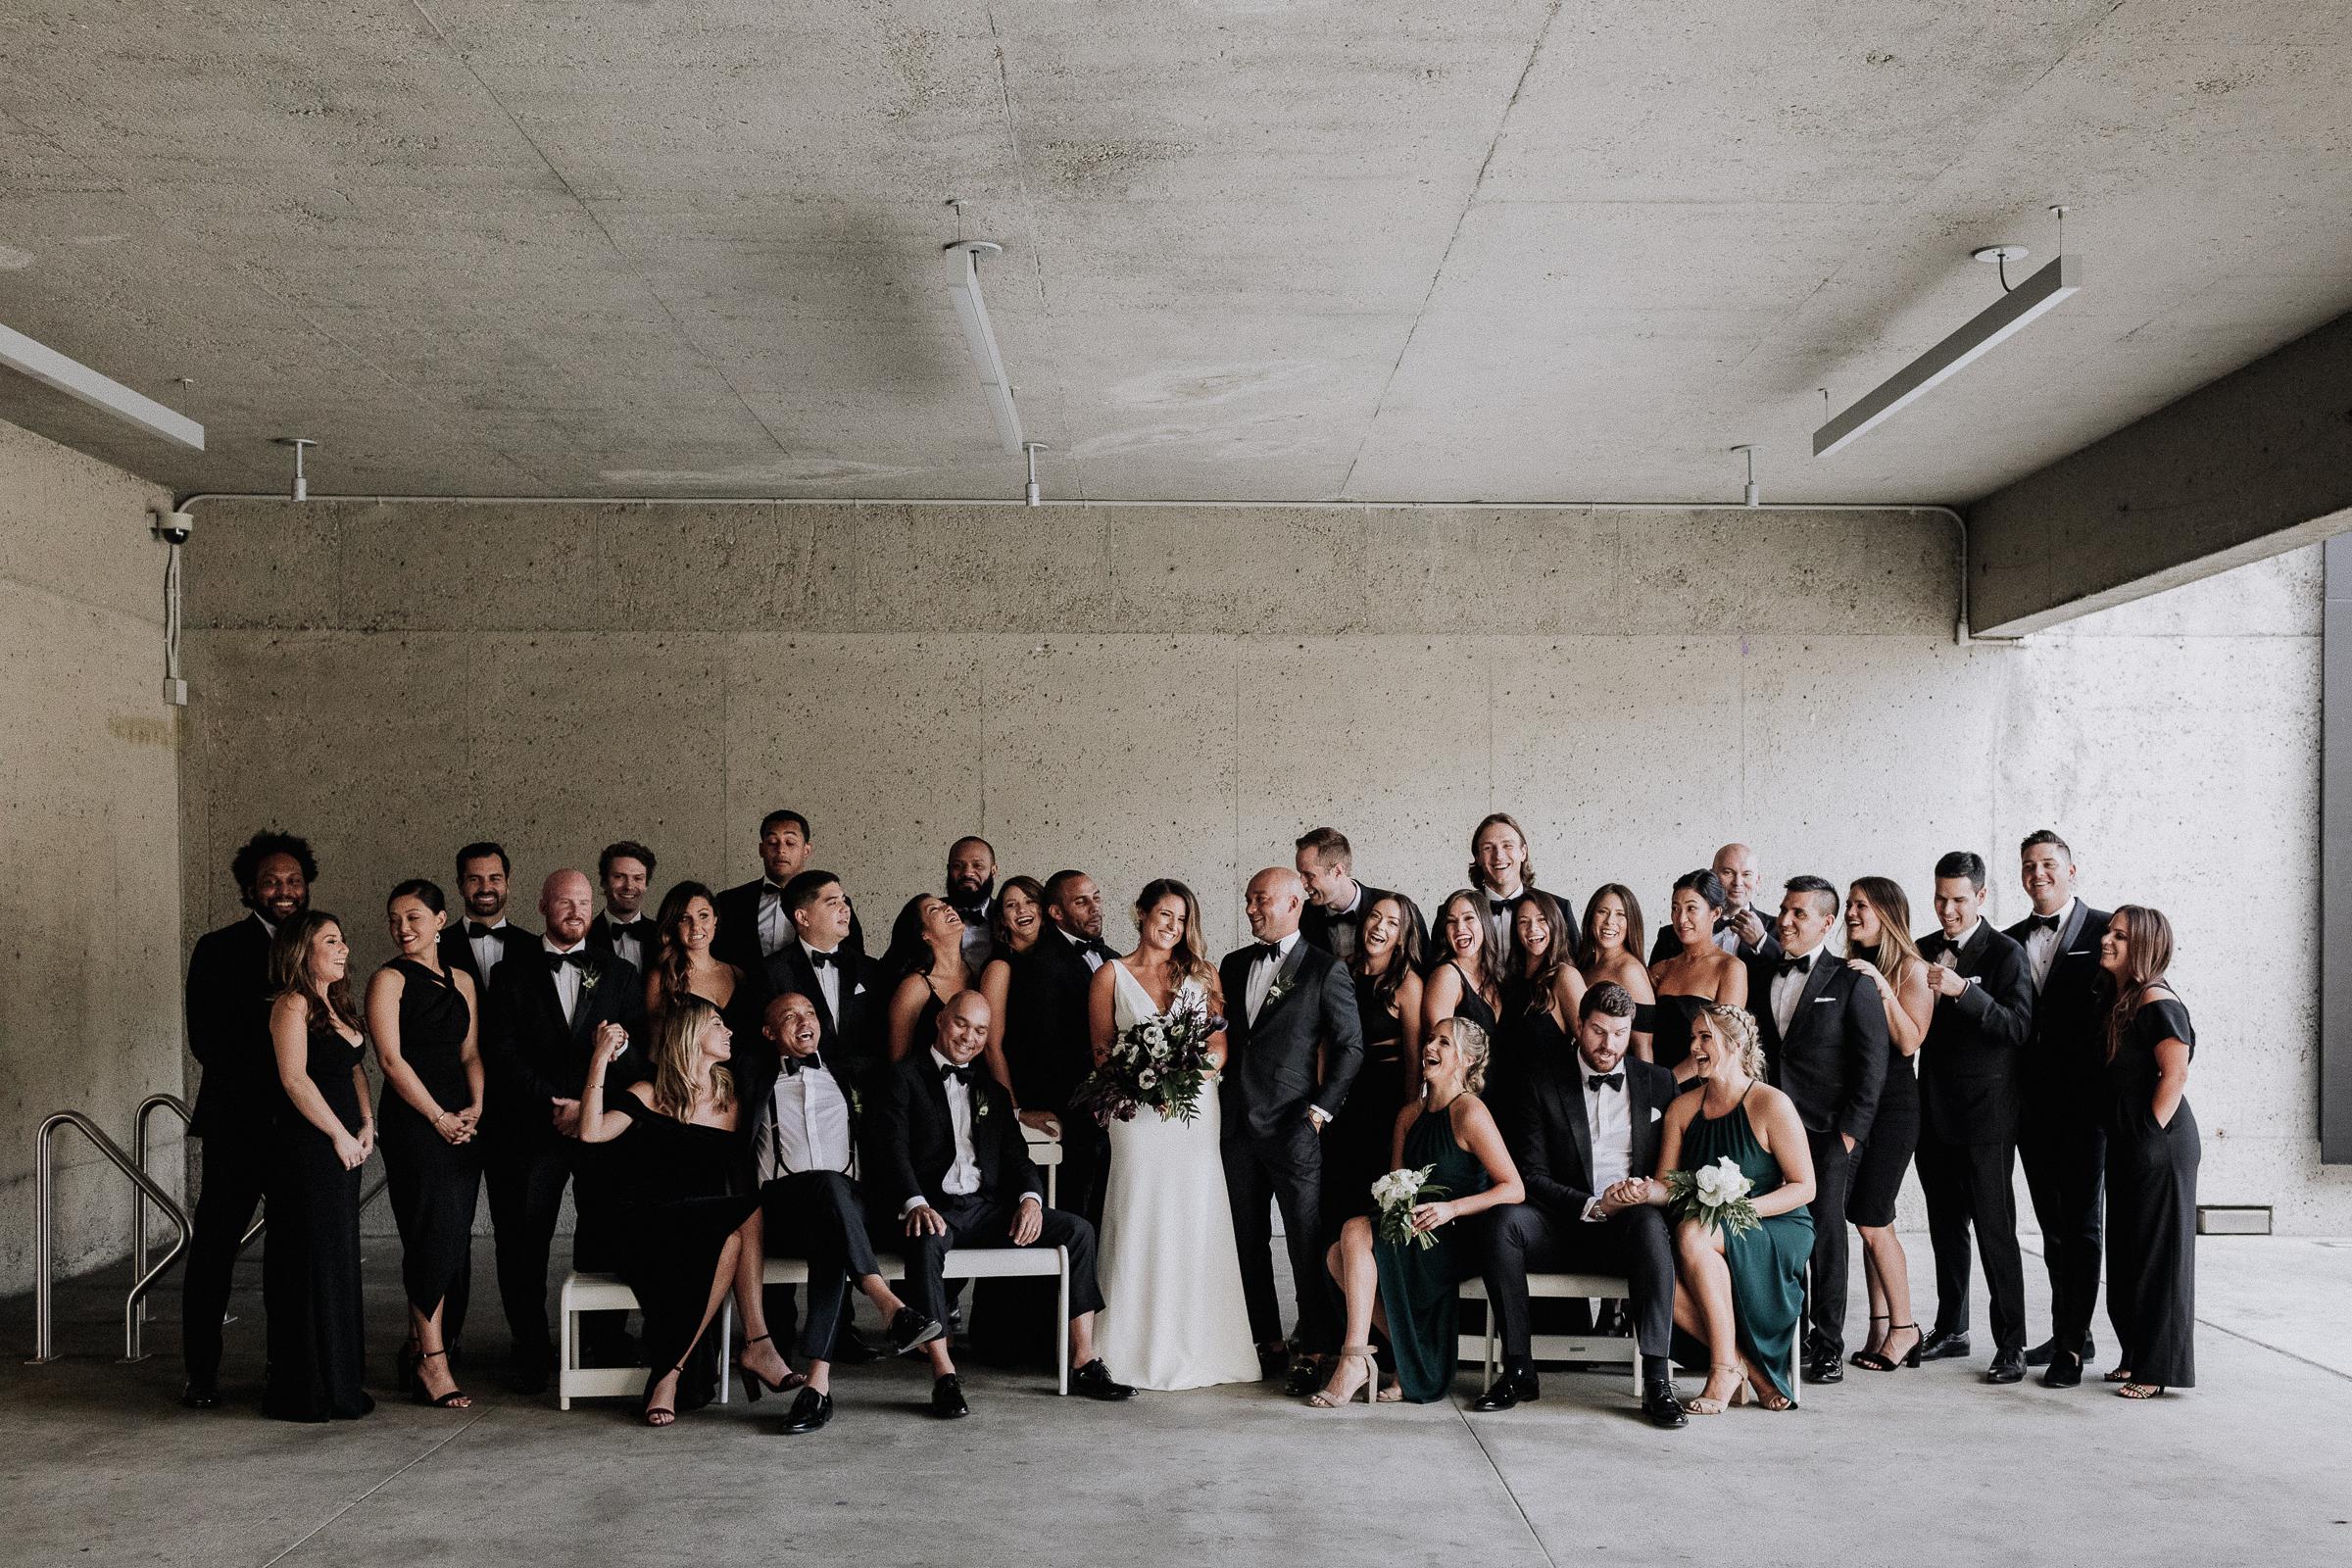 Oakland Museum of California Wedding #fallwedding #modernwedding #minimalswedding #BayAreaWeddingPhotographer #weddingprep #weddingday #firstlook #weddingparty